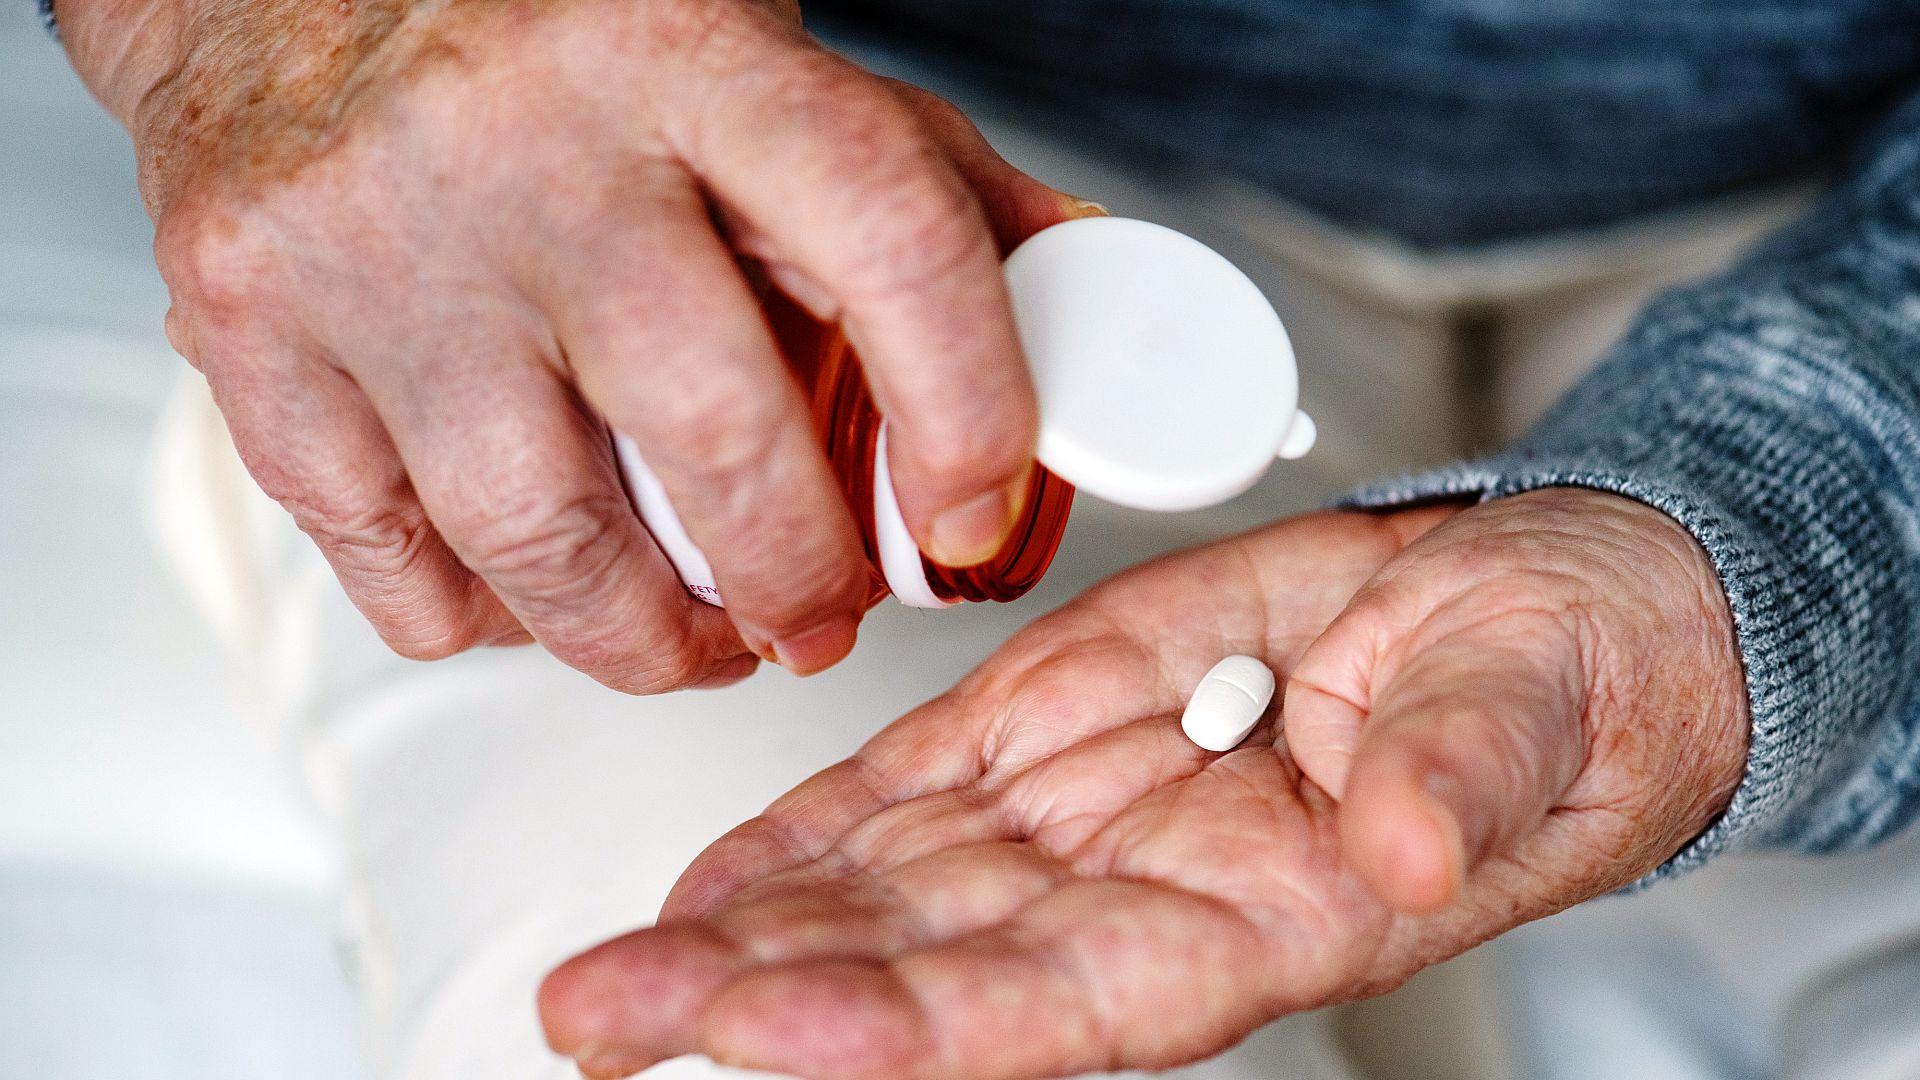 Apothekers in Vlaanderen willen betaling per doos pillen vervangen door een hoger tarief per ingeschreven patiënt. Hierdoor verbetert het medicatiegebruik,